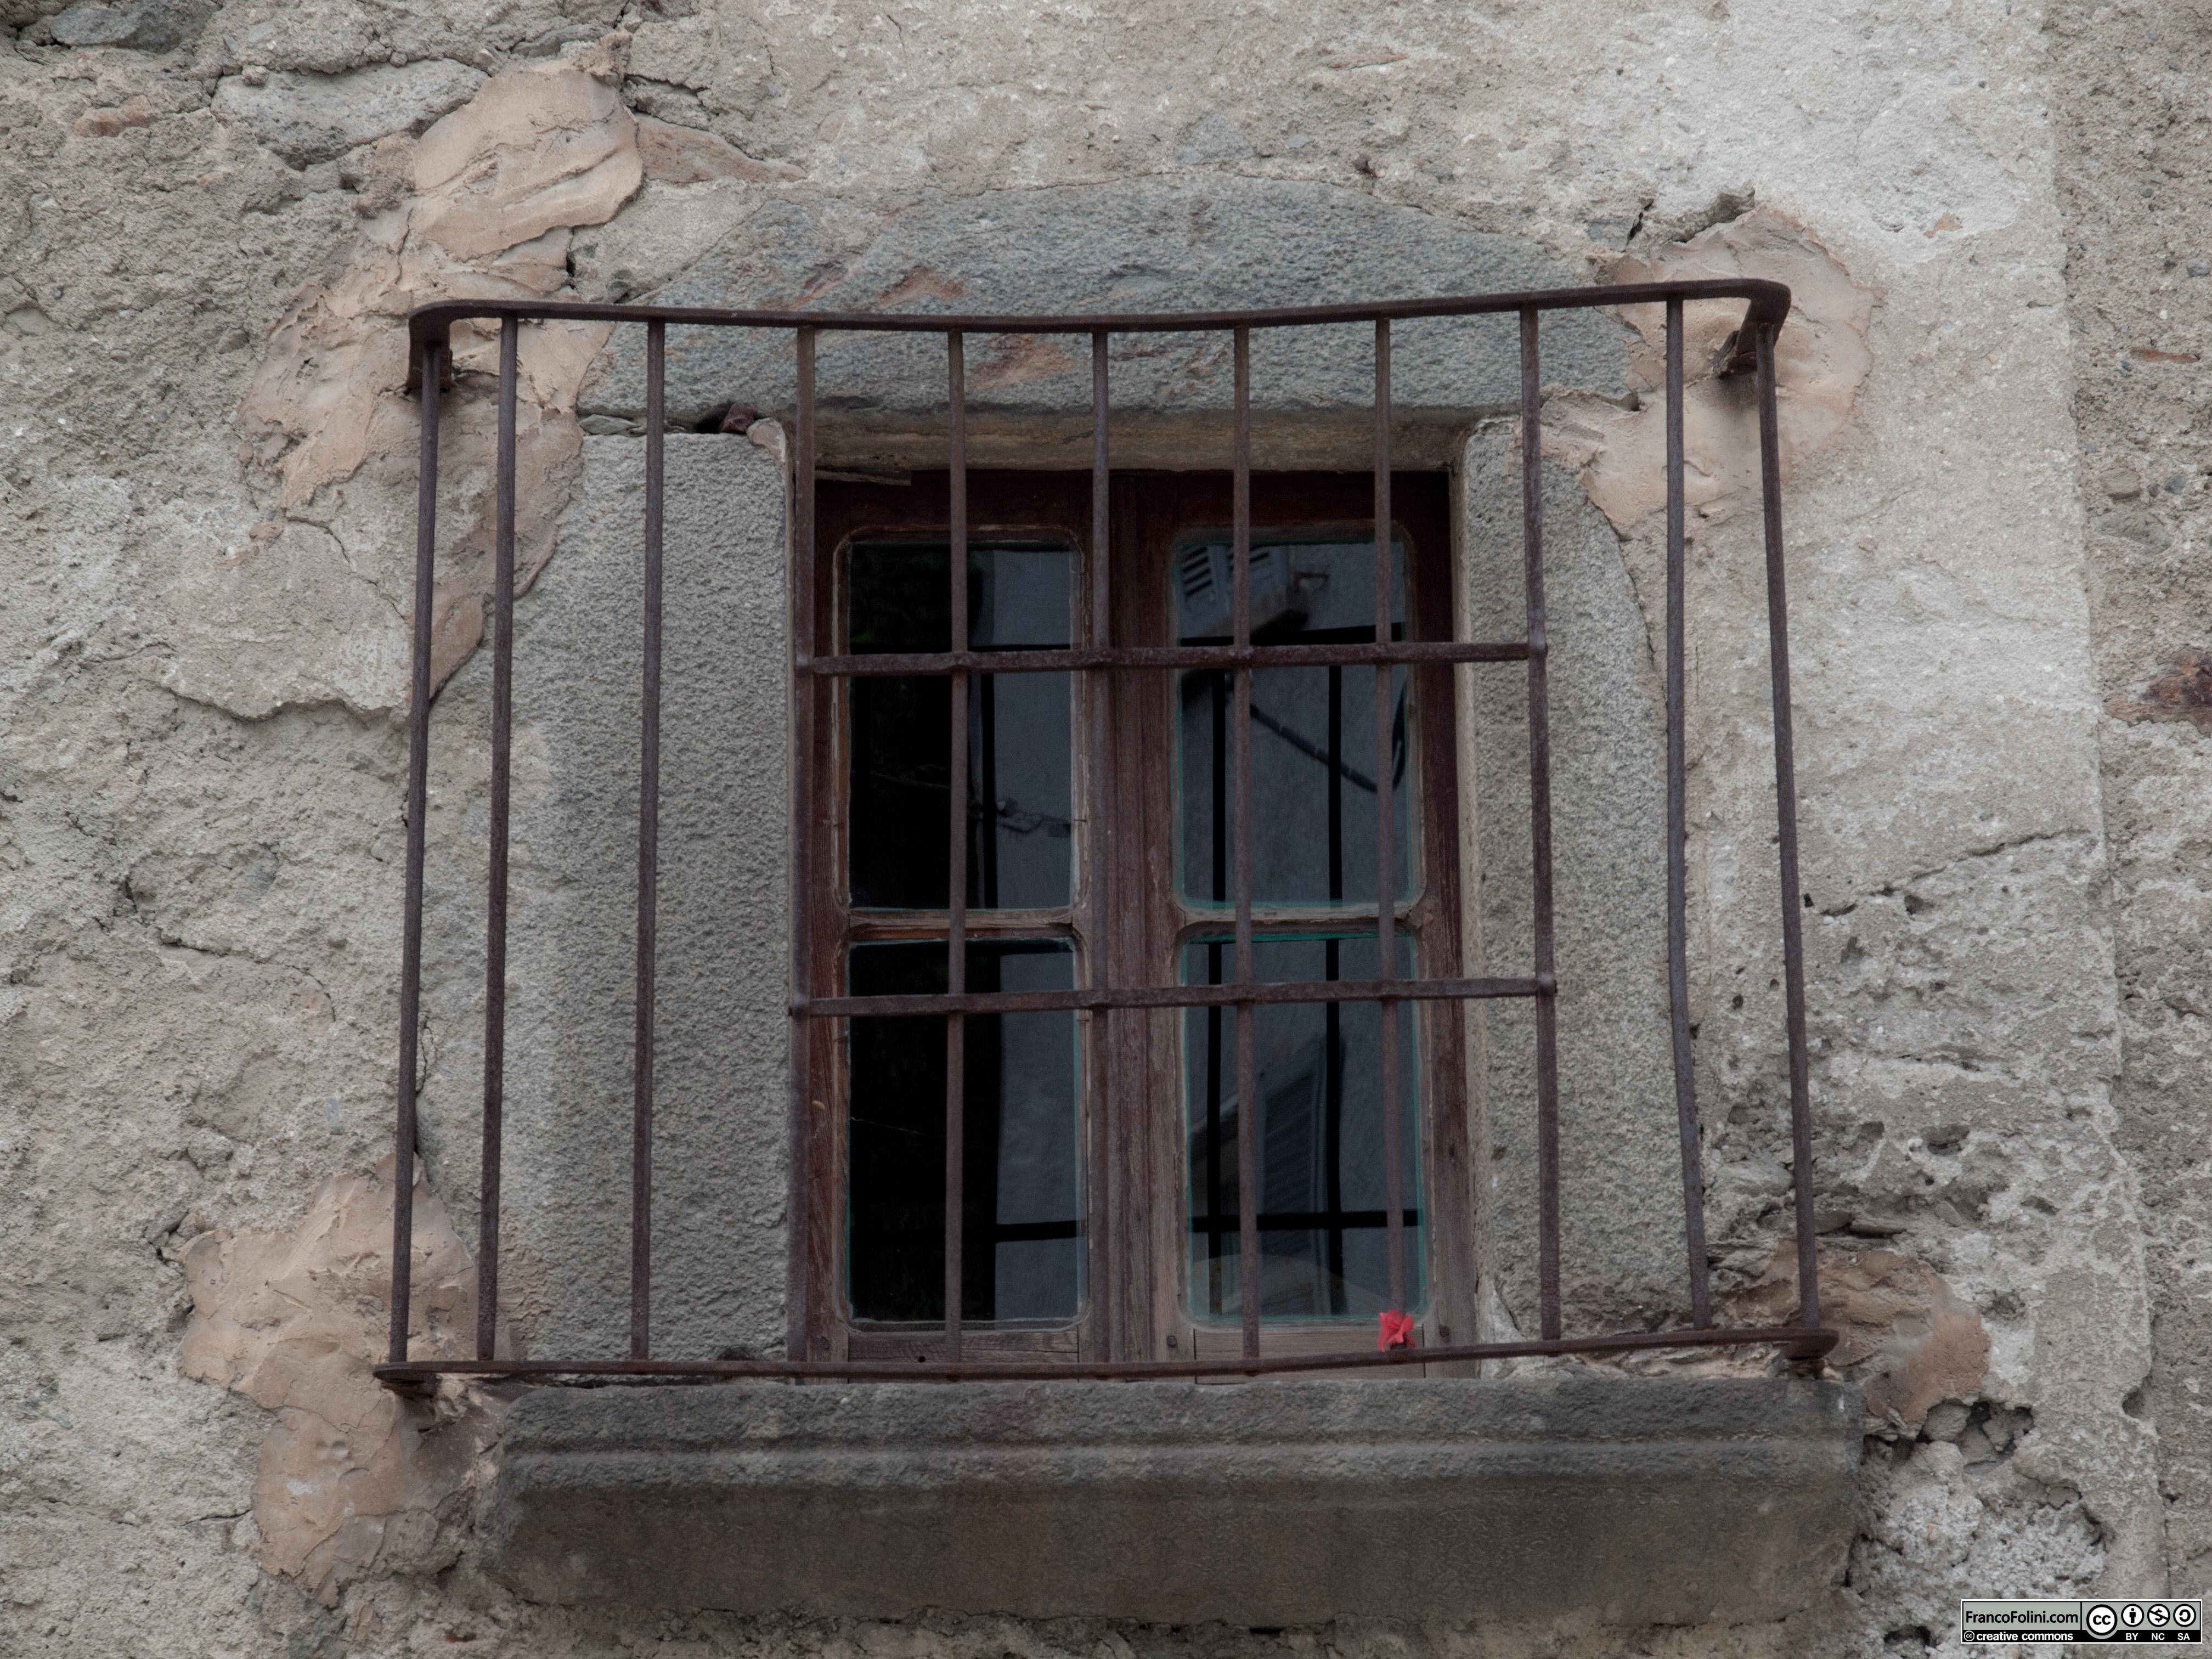 Angoli nascosti di Chiuro: antica finestra con grata in ferro battuto